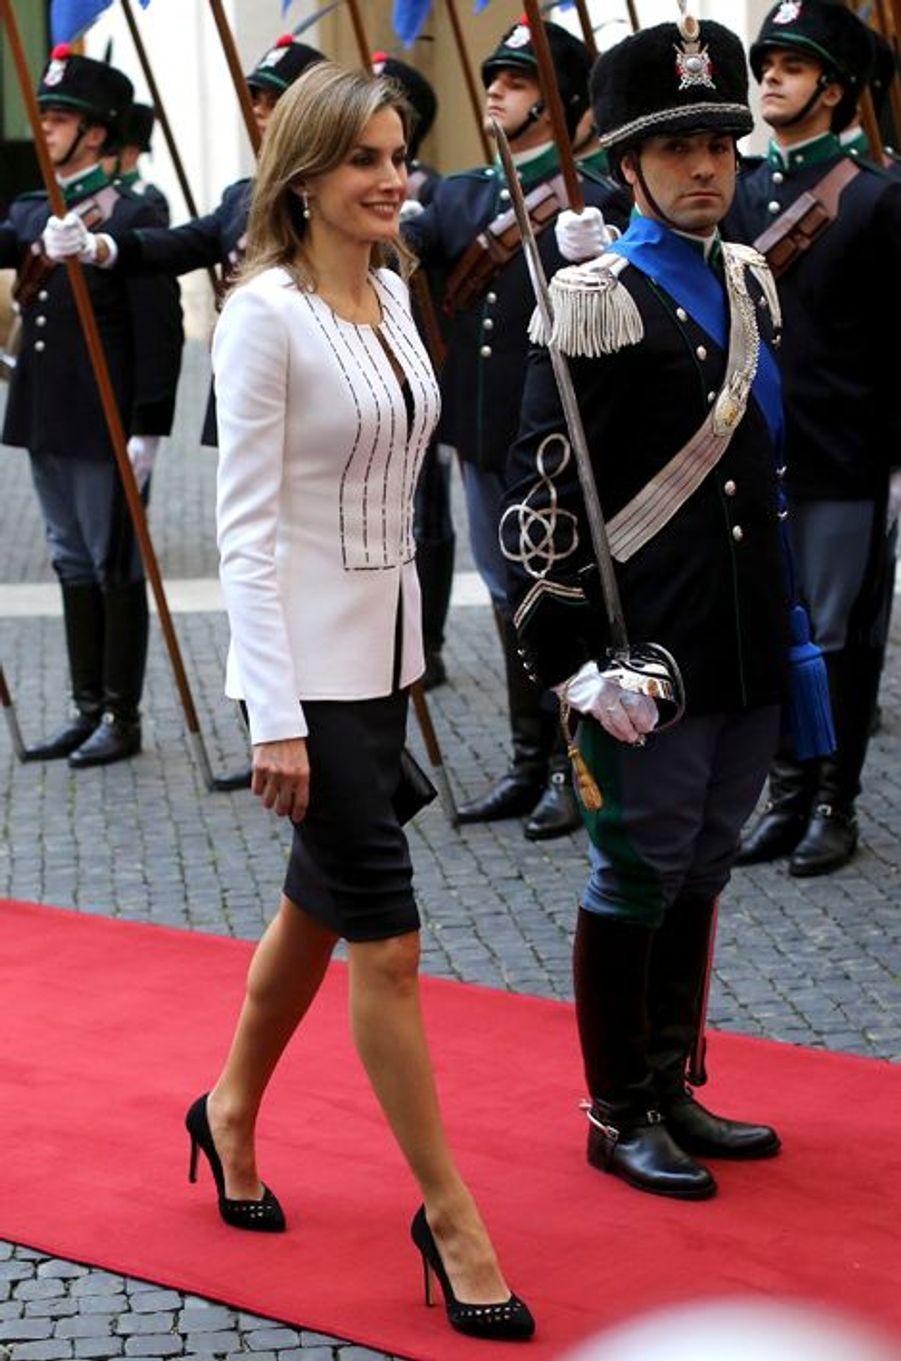 Le roi Felipe VI d'Espagne et la reine Letizia en visite officielle à Rome, le 19 novembre 2014